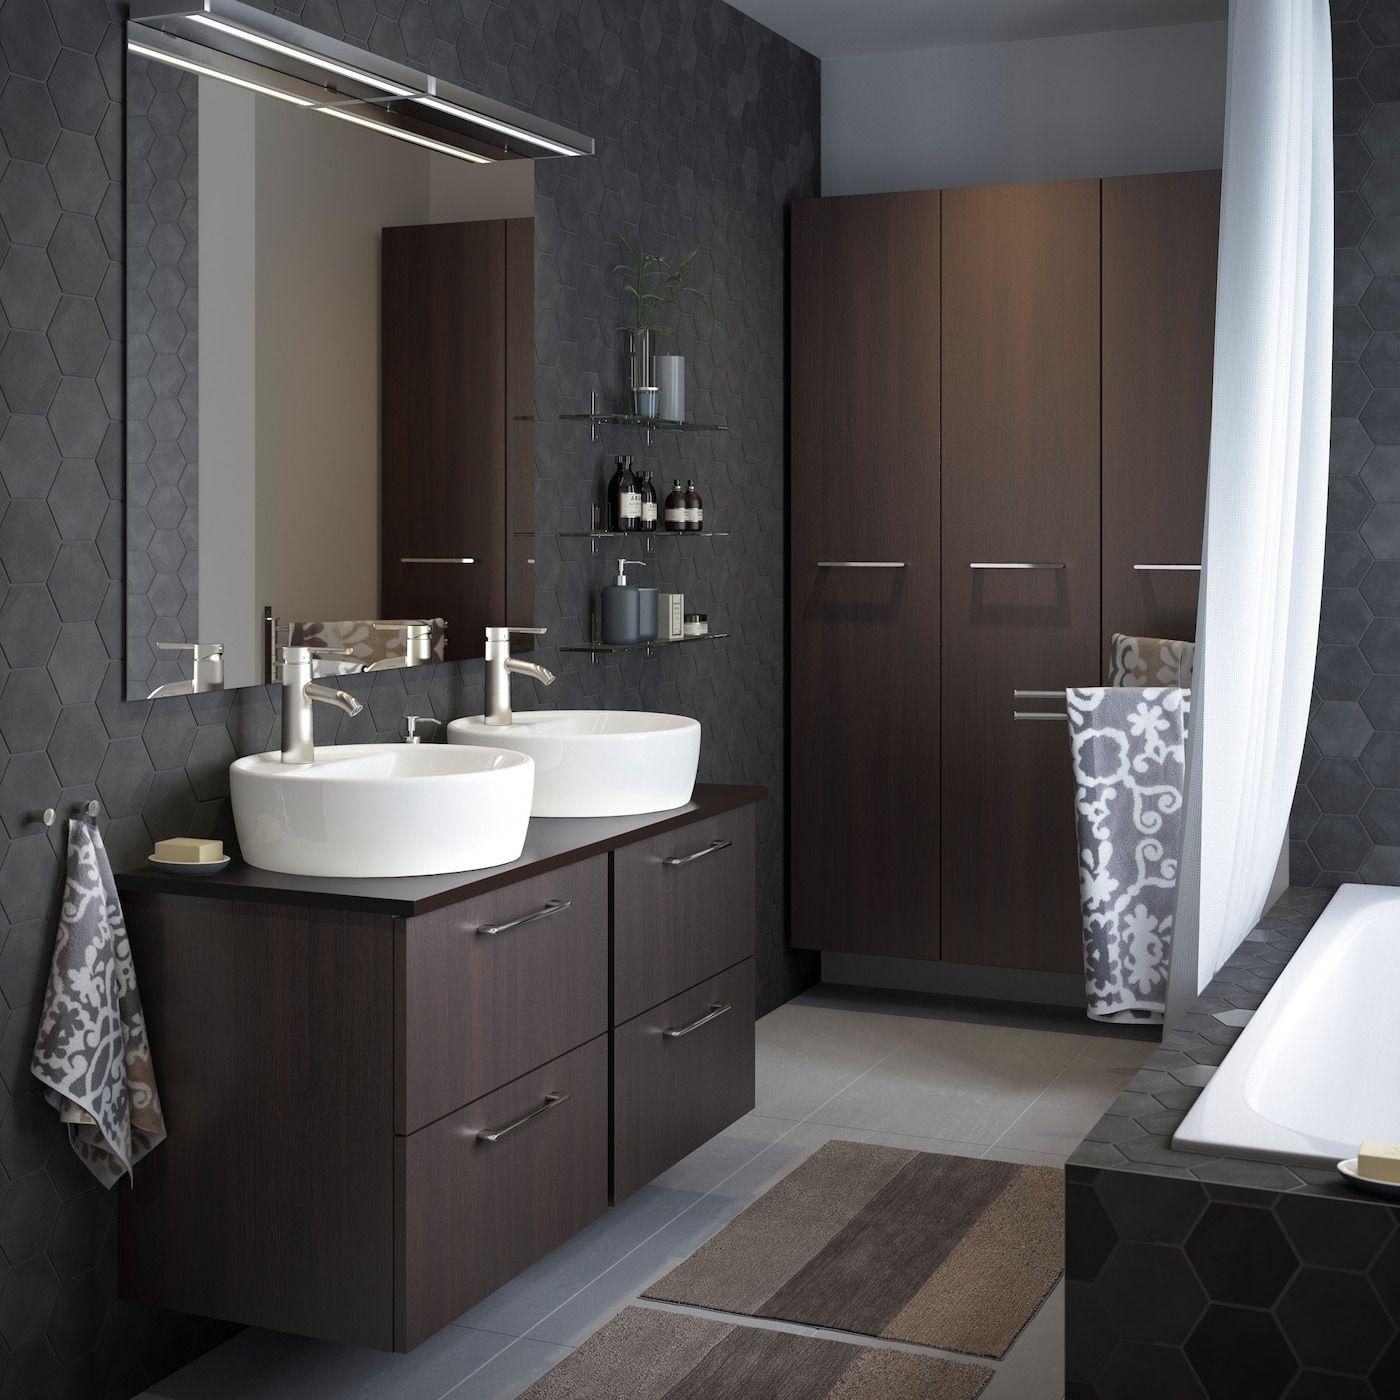 Petit Meuble Vasque Salle De Bain smart solutions for the bathroom rush hour   salle de bains